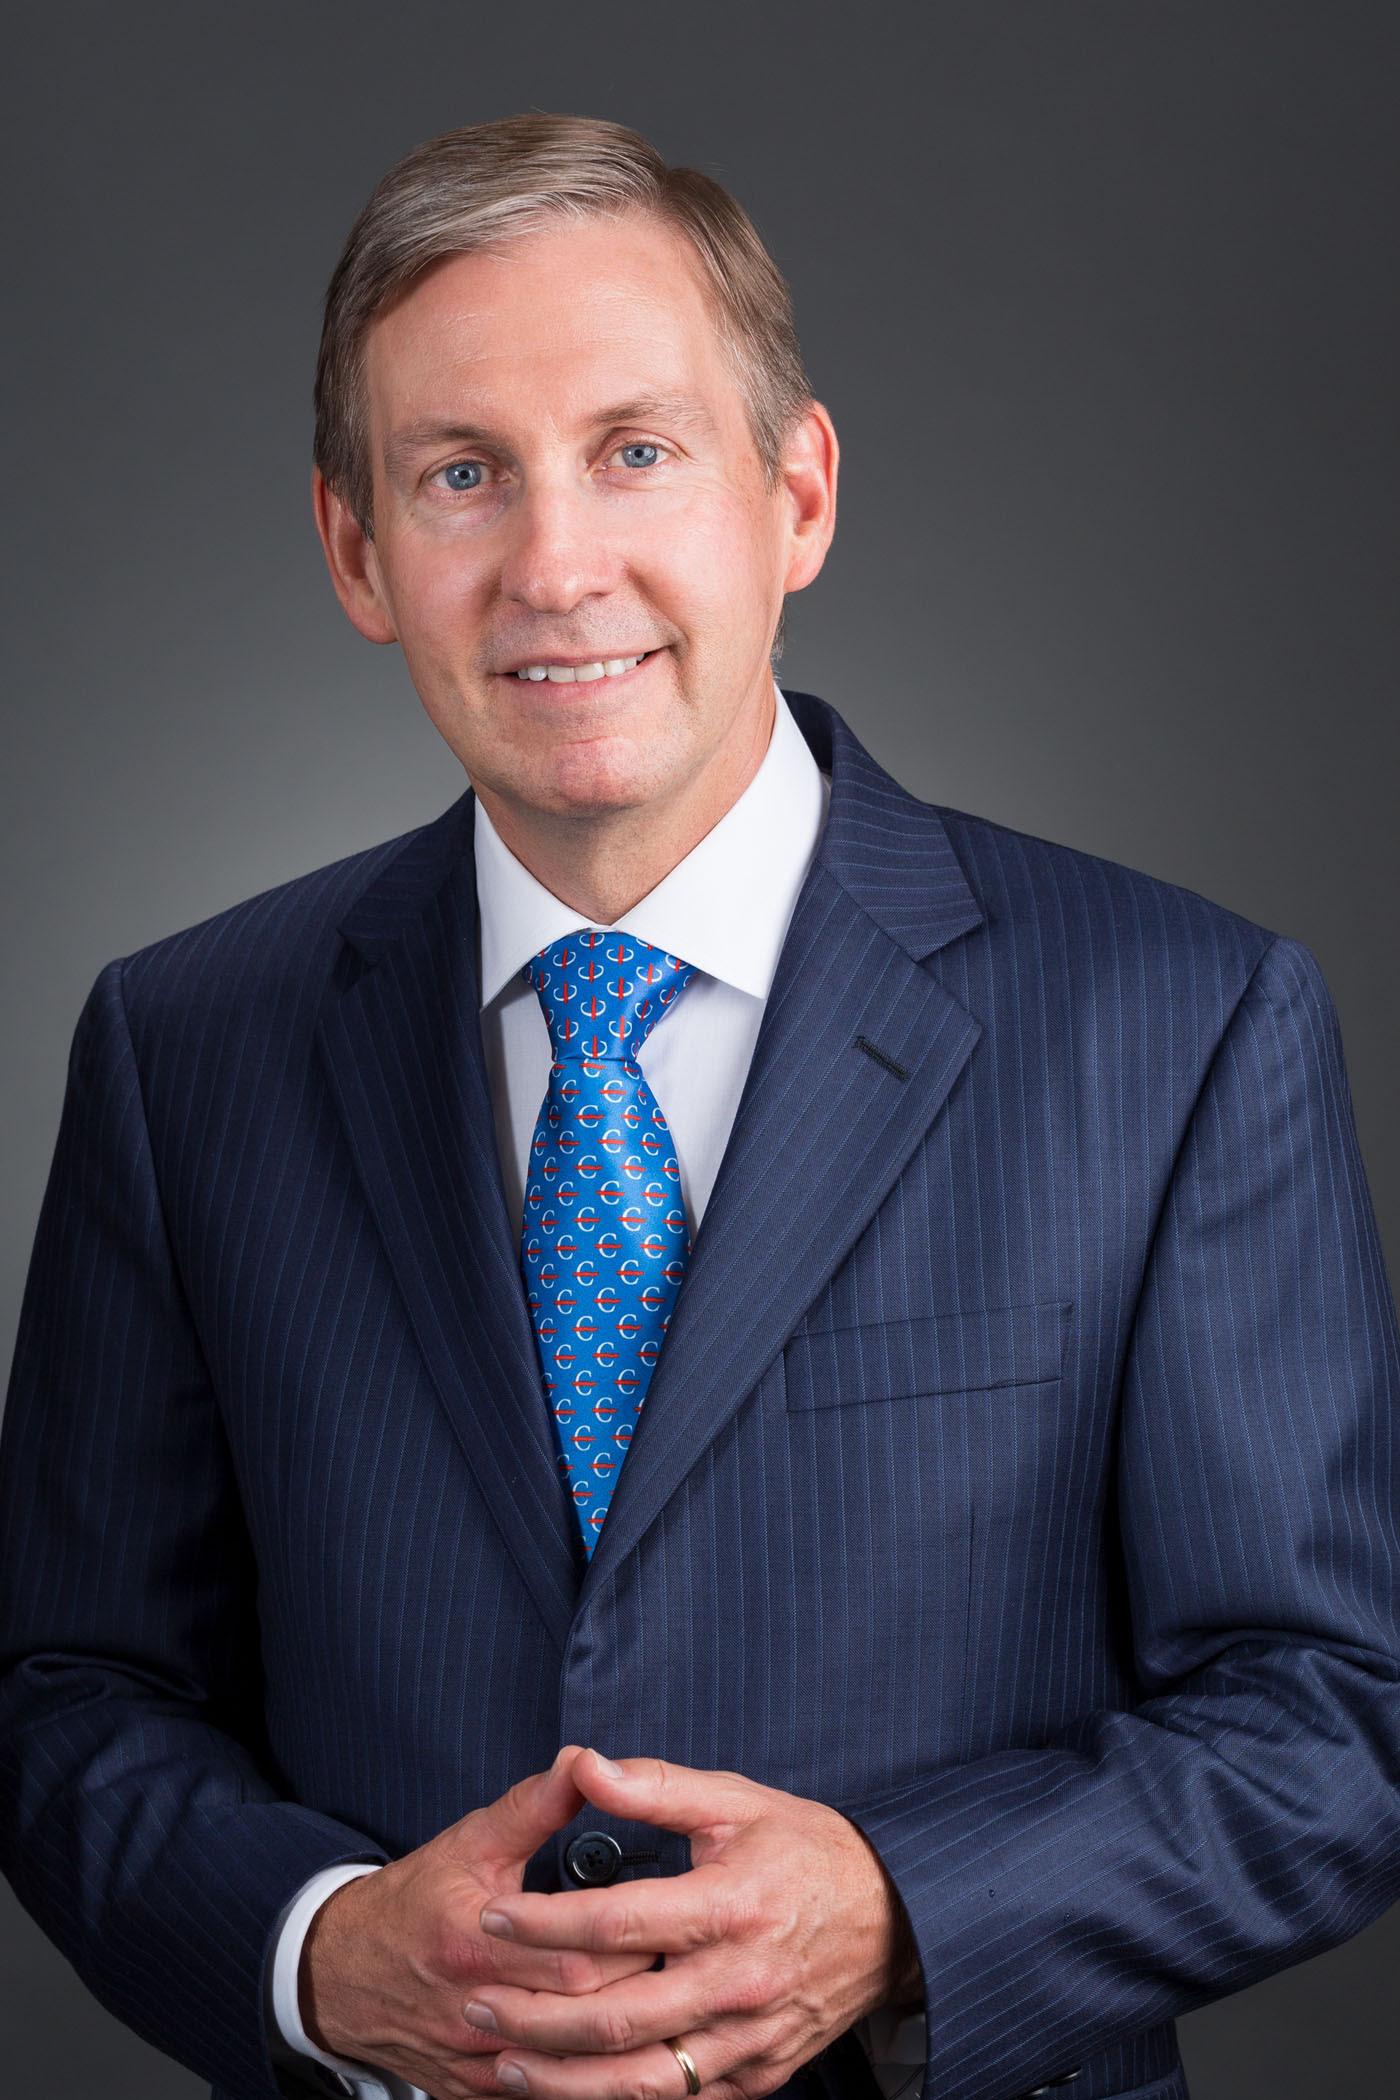 Peter Wt Pisters, Md, inizia il ruolo di Presidente di Md-9458